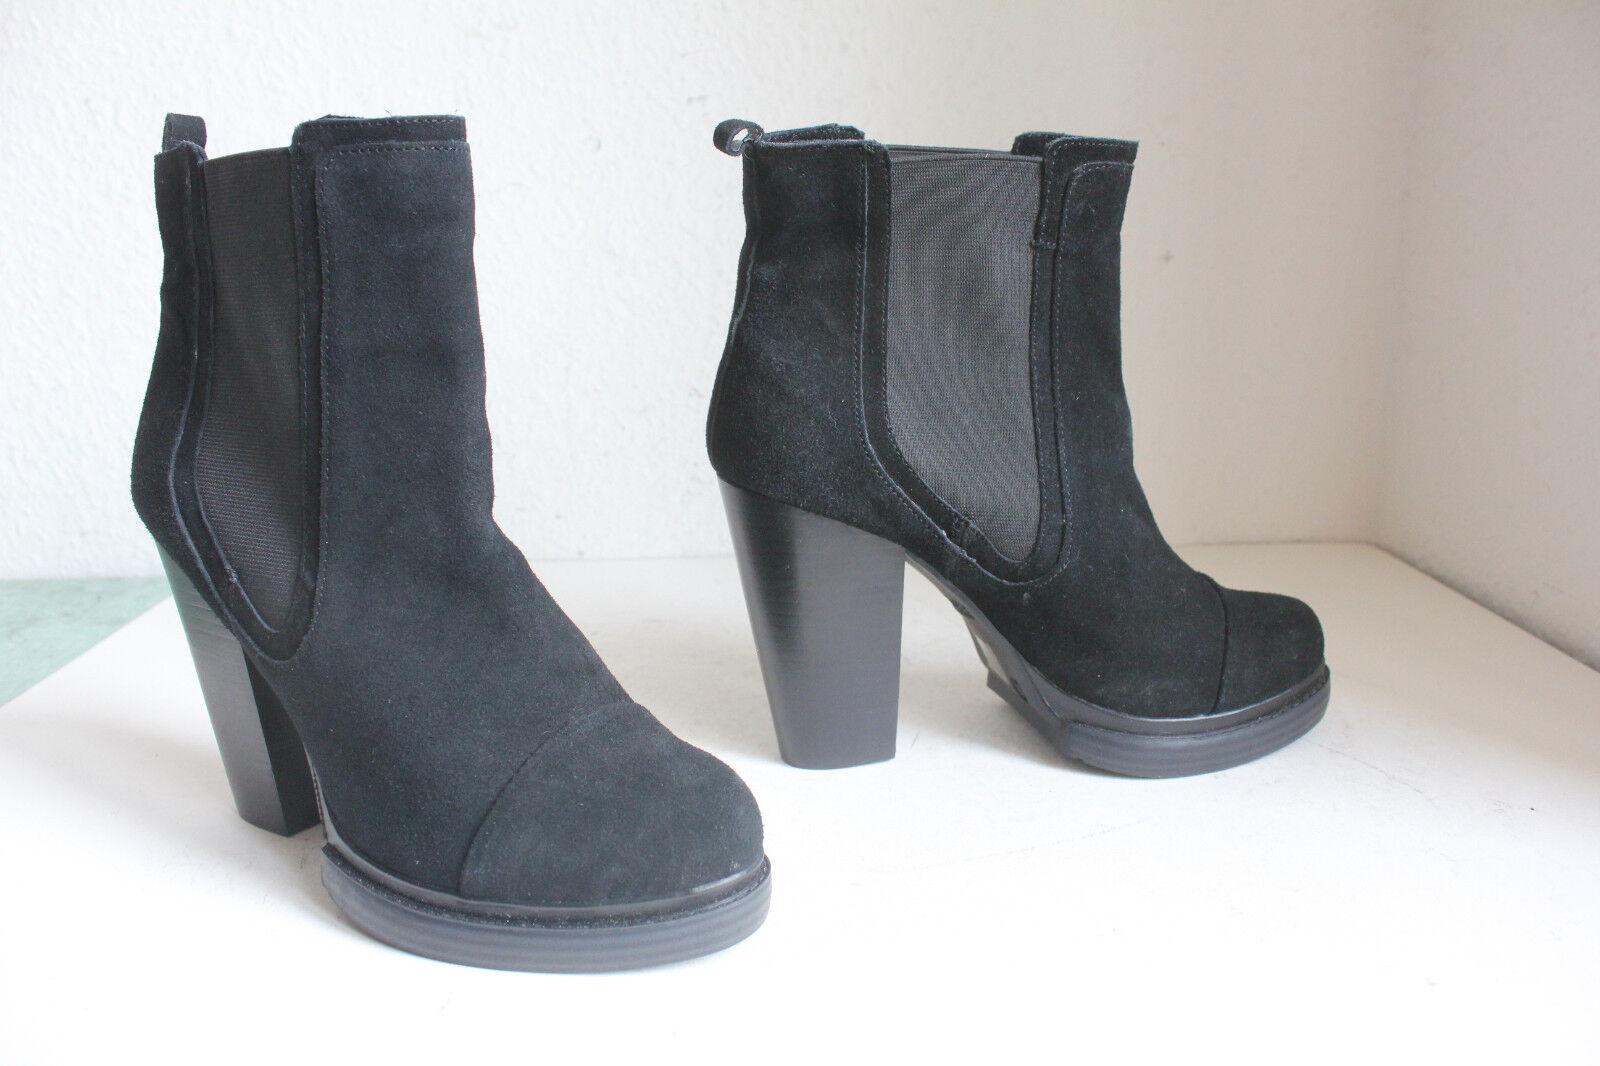 Bronx elegante chelsea style High párrafo ante botas negro eu:39, 5-40 -- Top